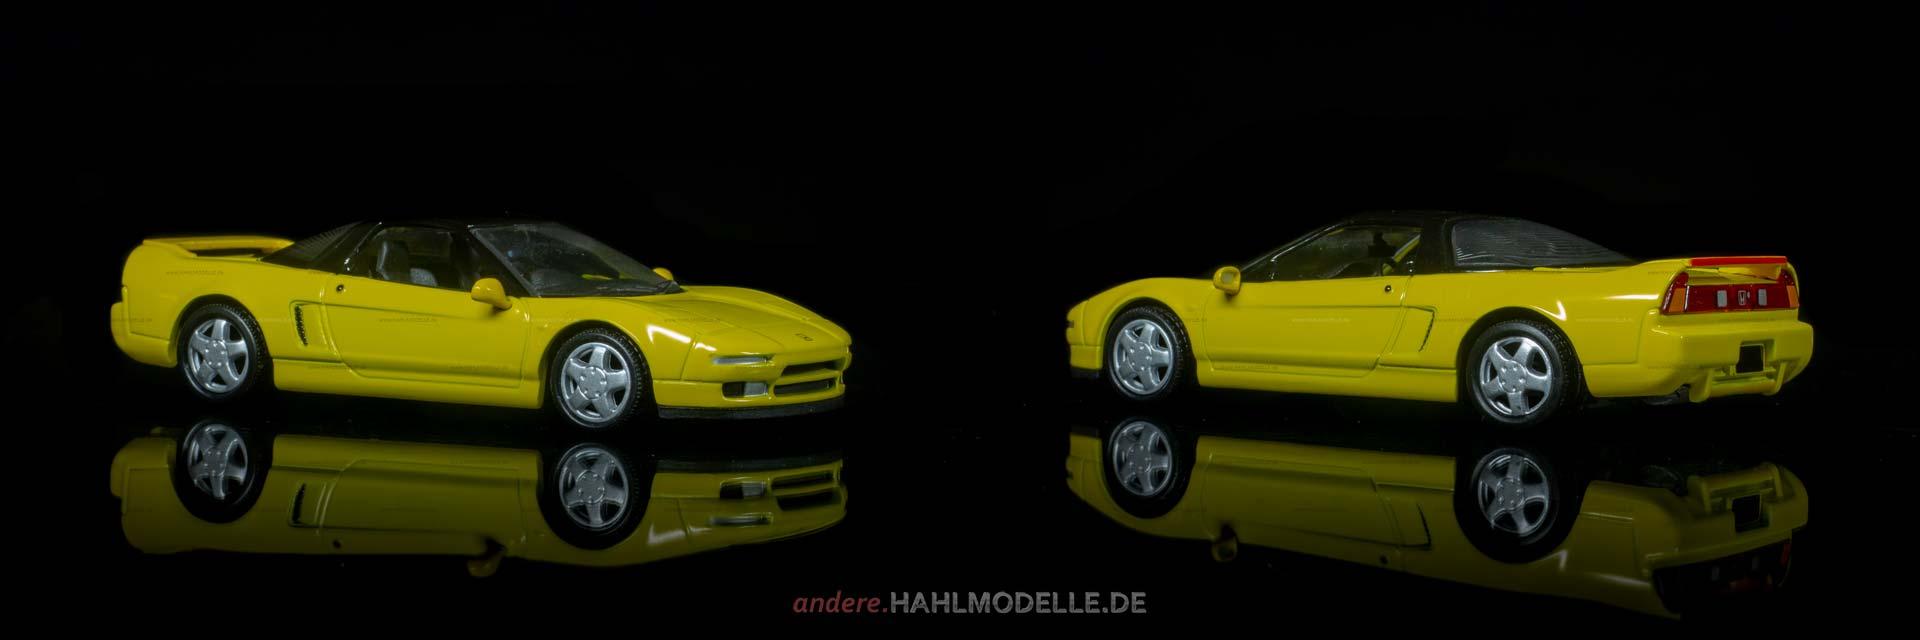 Honda NSX   Coupé   Ixo (Del Prado Car Collection)   1:43   www.andere.hahlmodelle.de